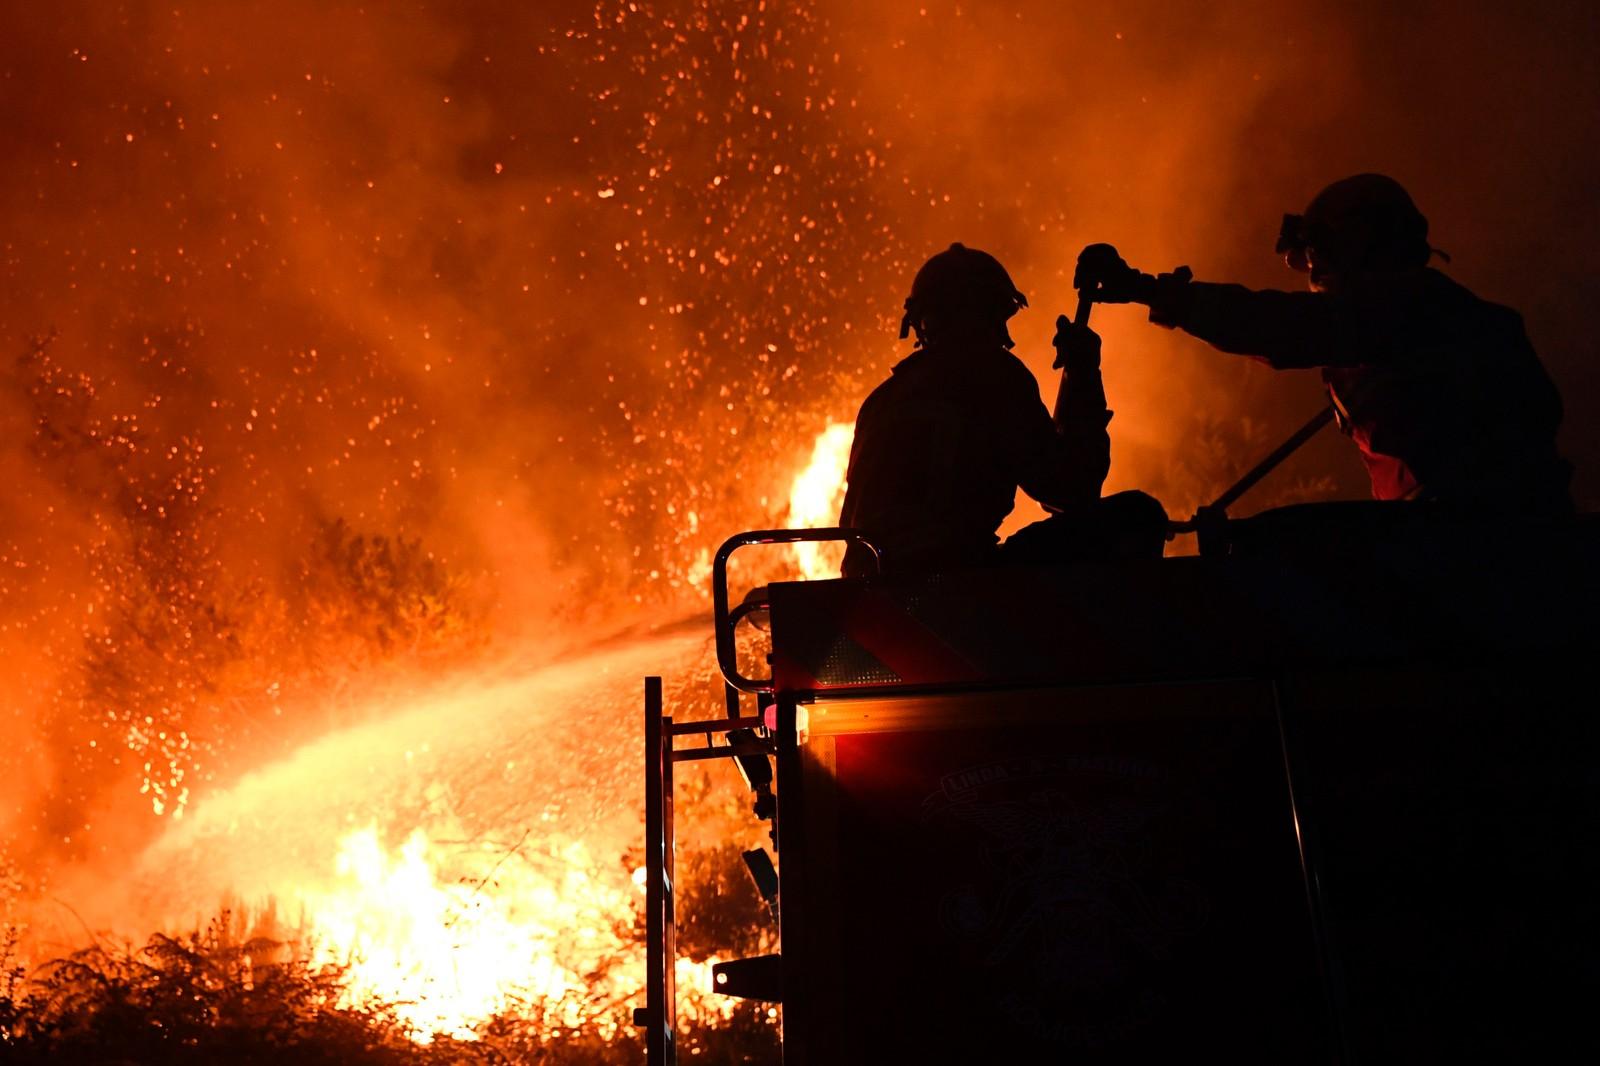 Brannkonstabler forsøker å slukke brannen i Colmeal, 21. juni.